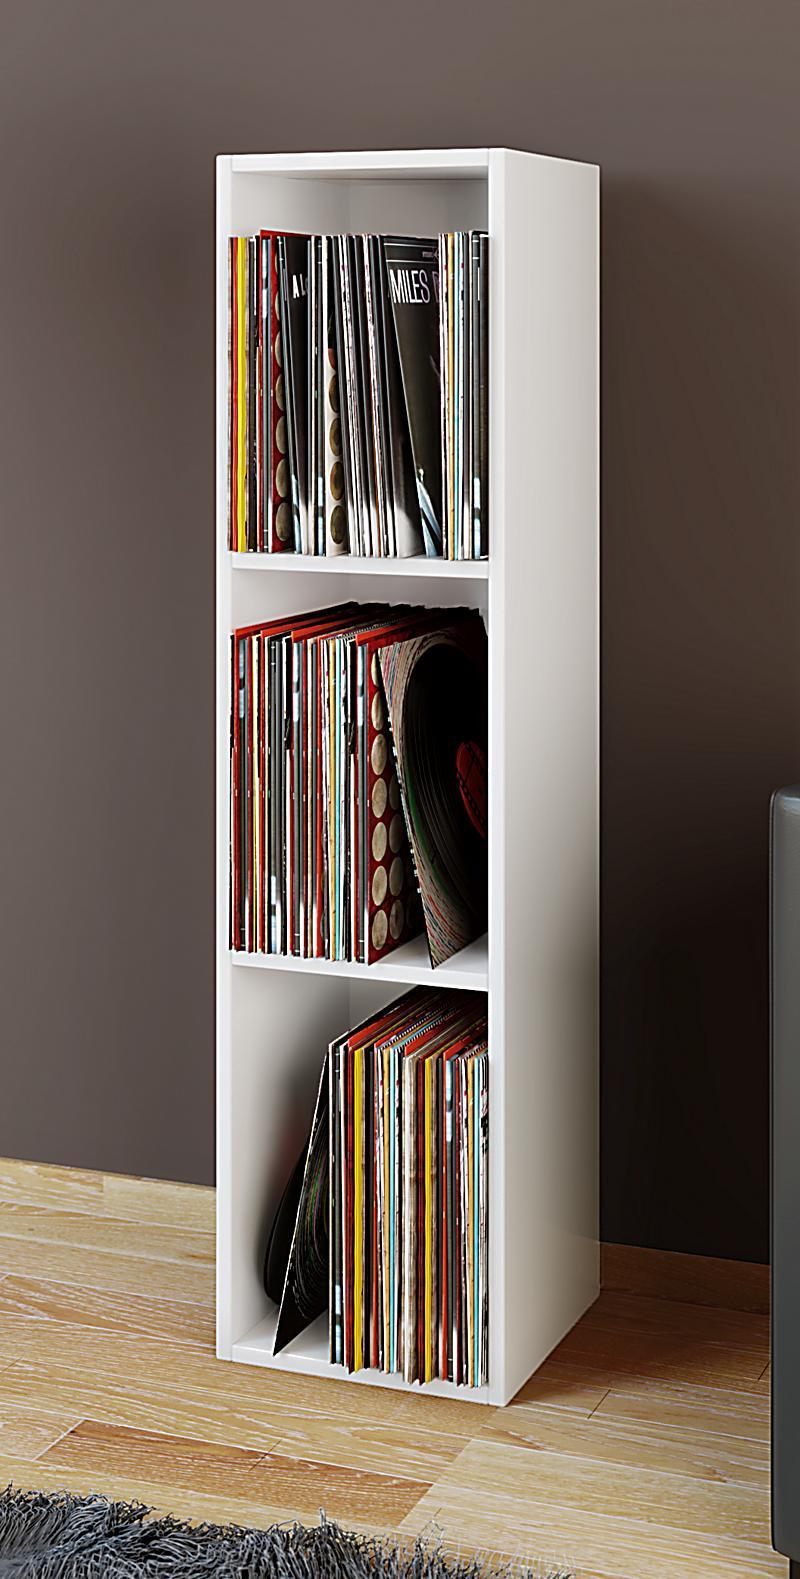 vcm schallplatten regal archiv lp mbel archivierung platto farbe wei - Schallplattenregal